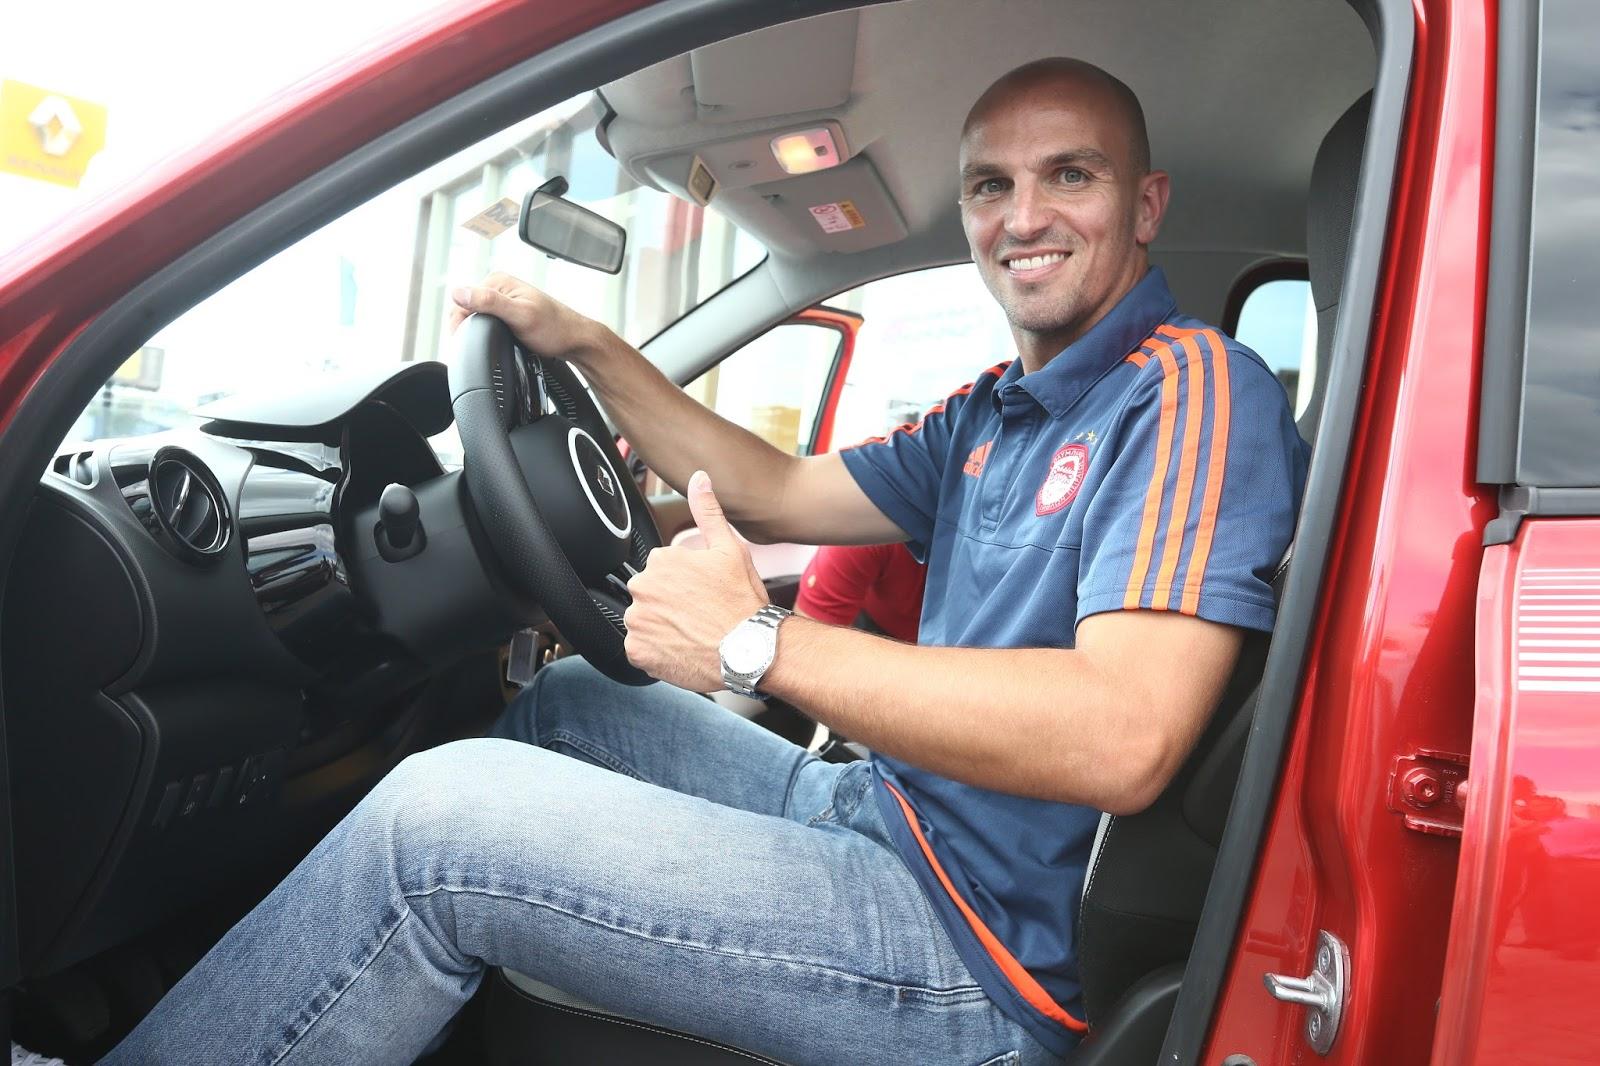 OlympiacosRenault 003 Σήμερα στην αυτοκίνηση ο Cambiasso θα δει από κοντά το νέο Renault Kadjar